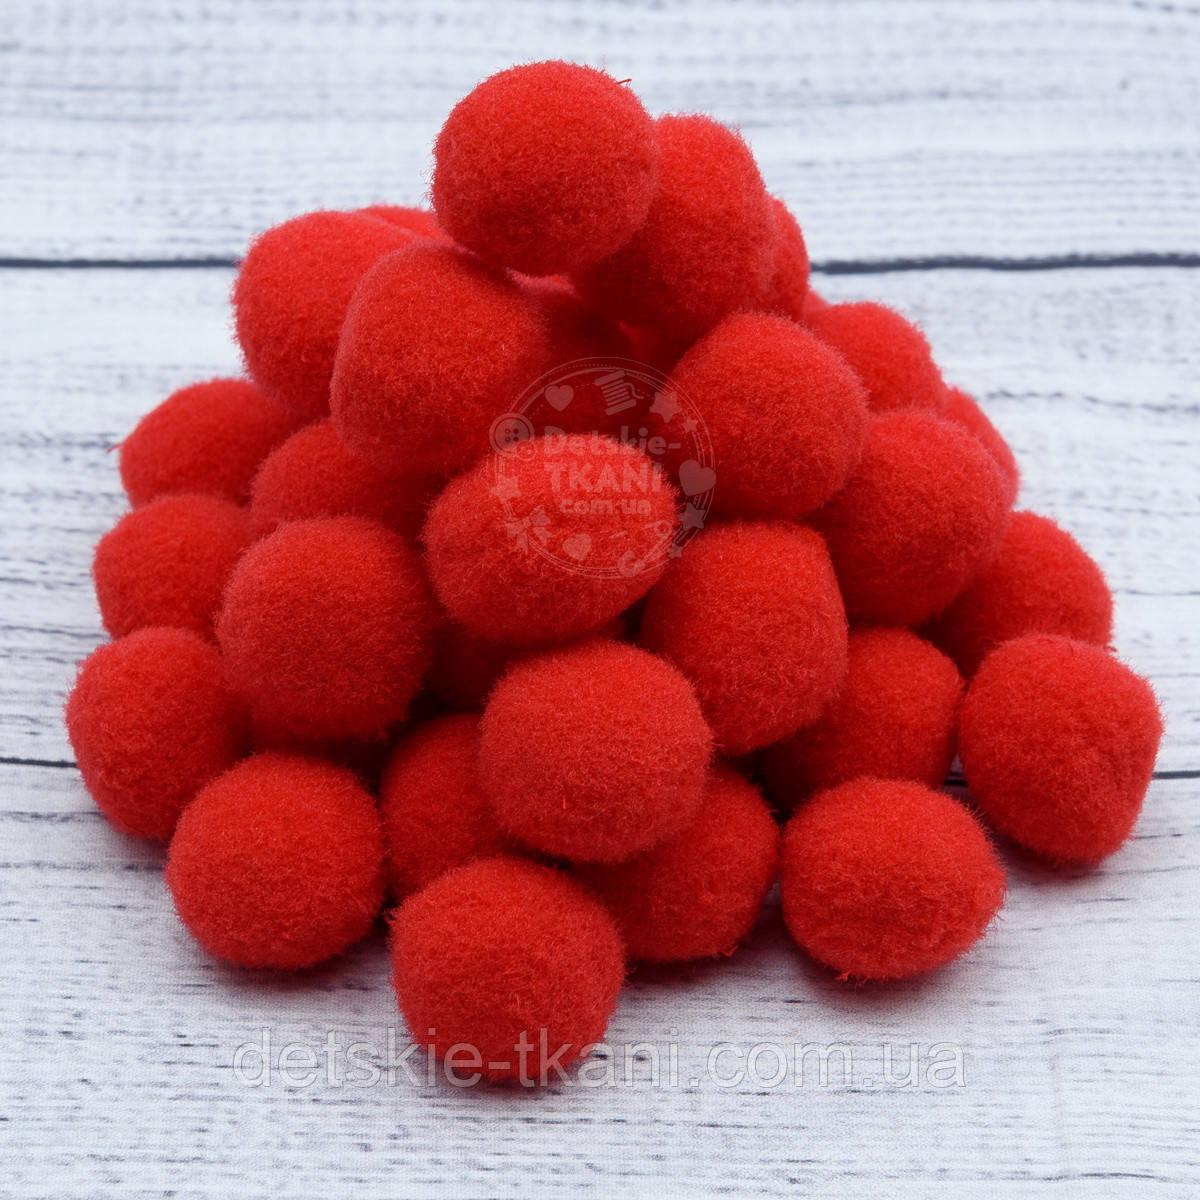 Плюшевые помпоны  красного цвета 20 мм, упаковка 20 шт